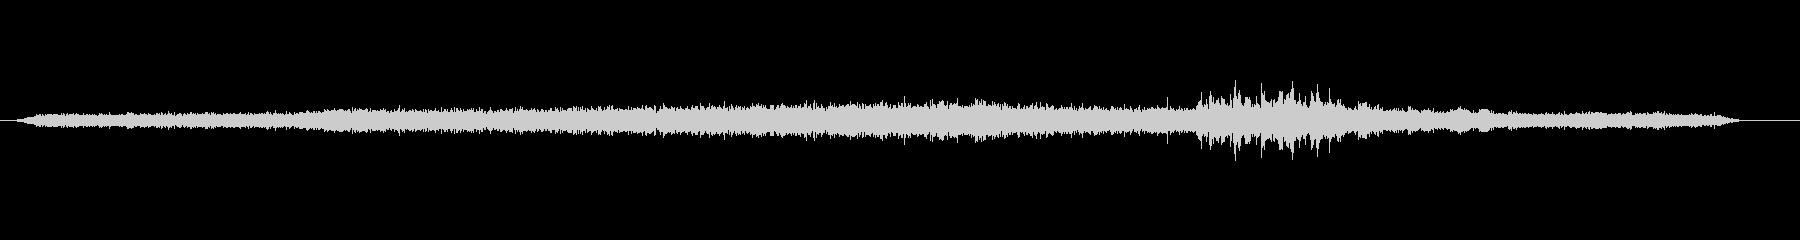 駅-電車の笛の未再生の波形